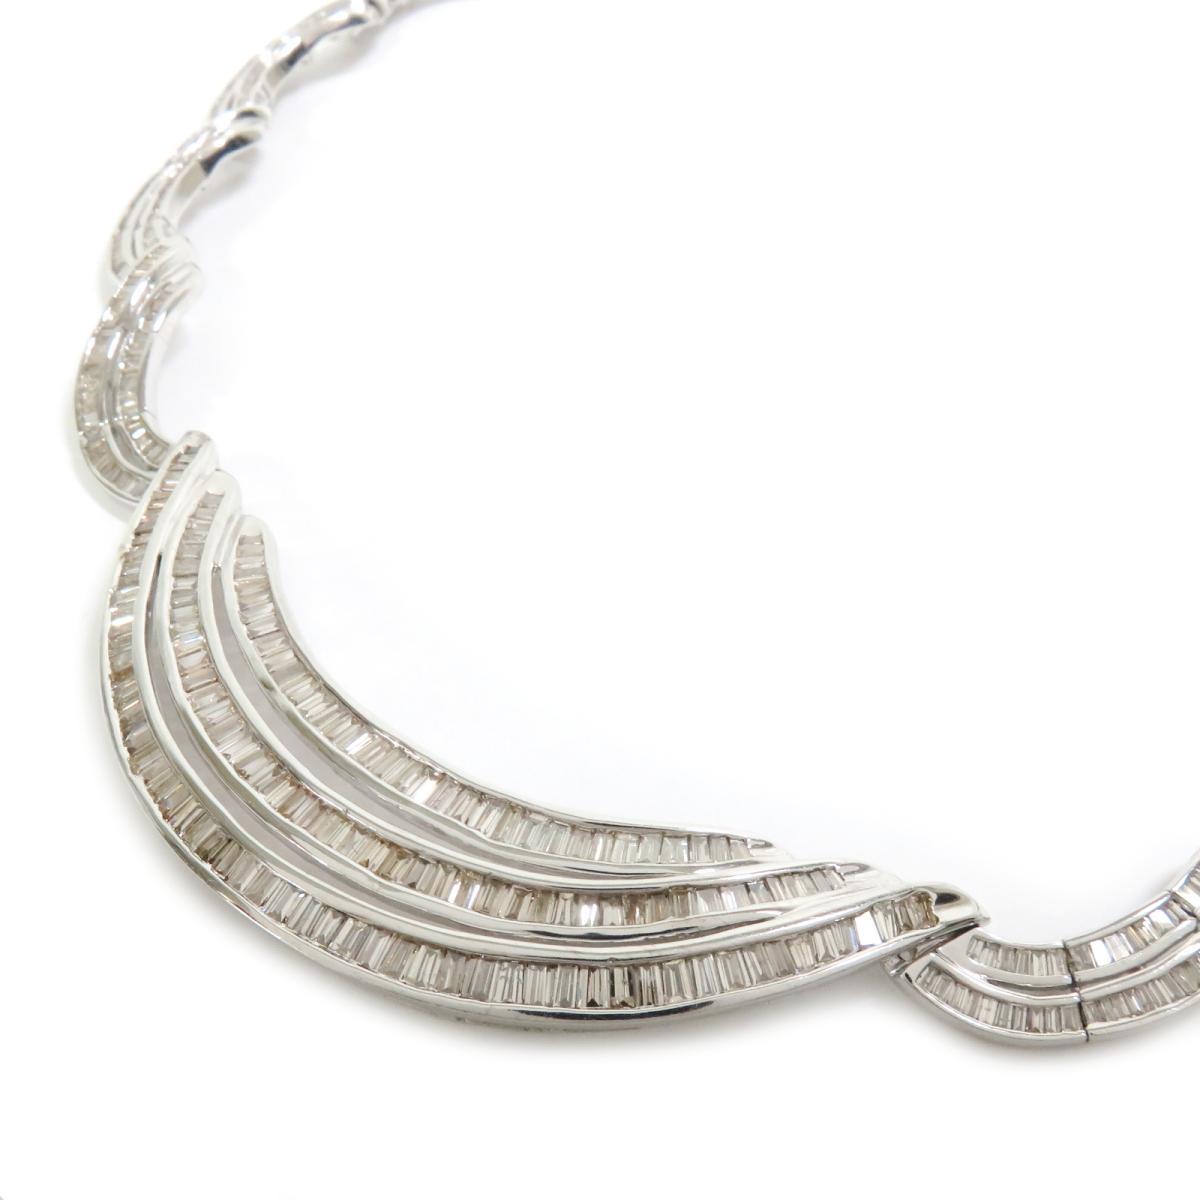 ジュエリー ダイヤモンド ネックレス チョーカー ノーブランドジュエリー レディース K18WG (750) ホワイトゴールド | JEWELRY BRANDOFF ブランドオフ アクセサリー ペンダント